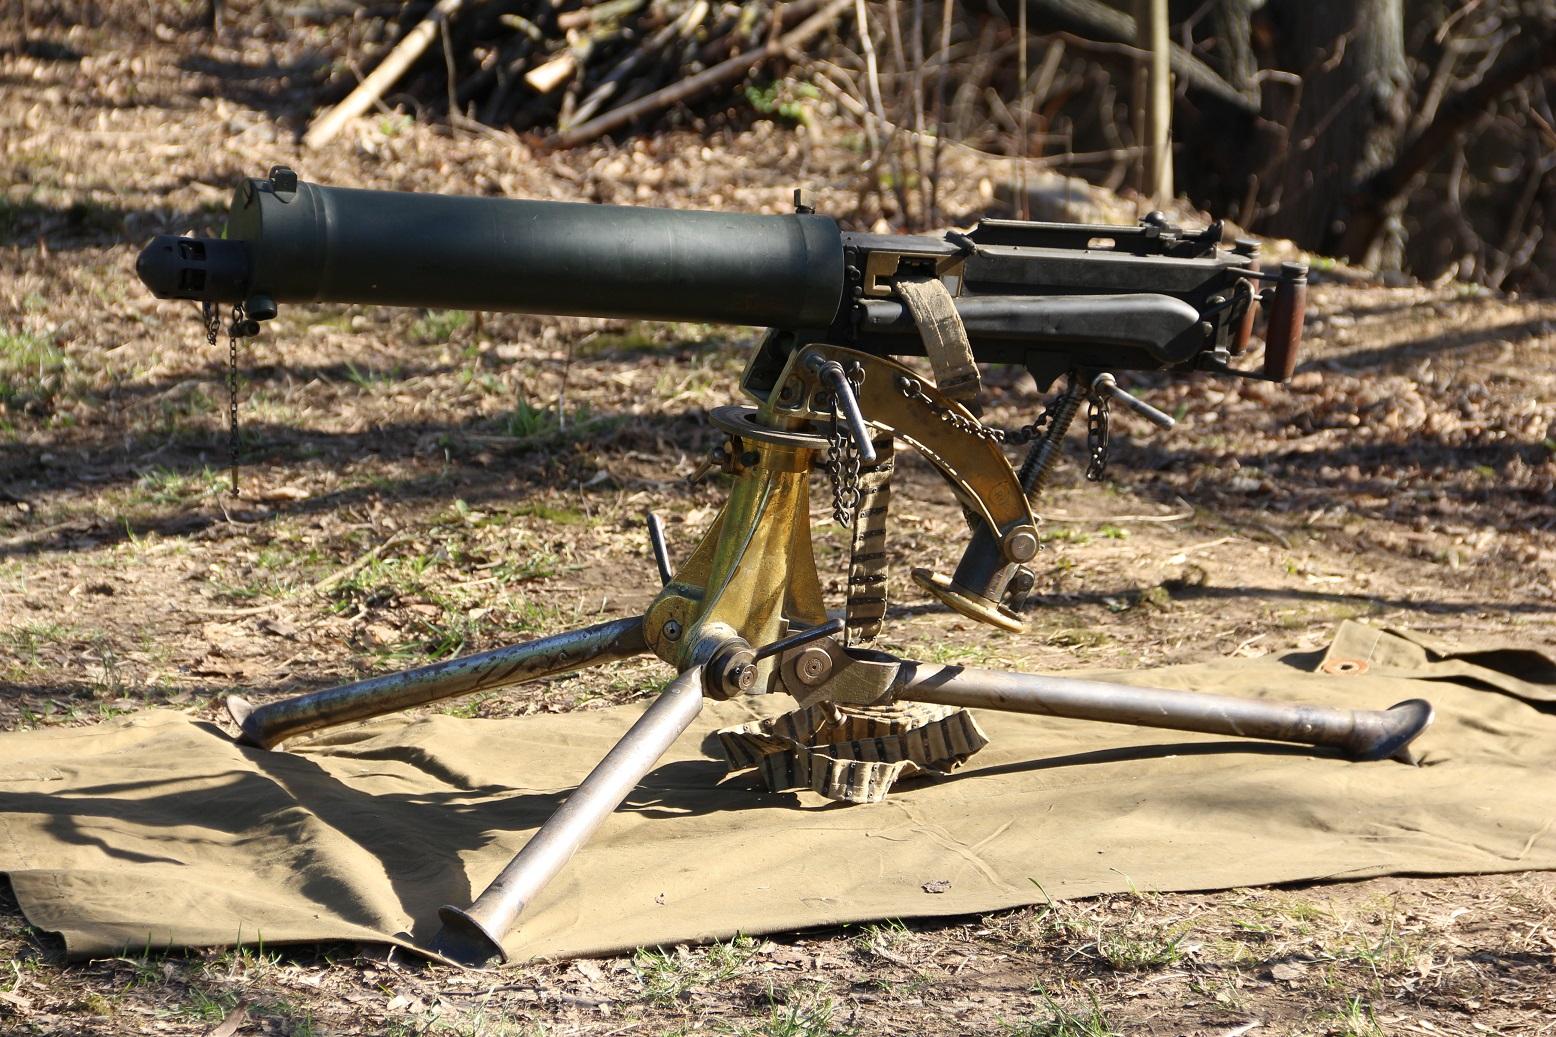 Пулемет Vickers Mk. I калибра .303 #8023, образца 1912 года